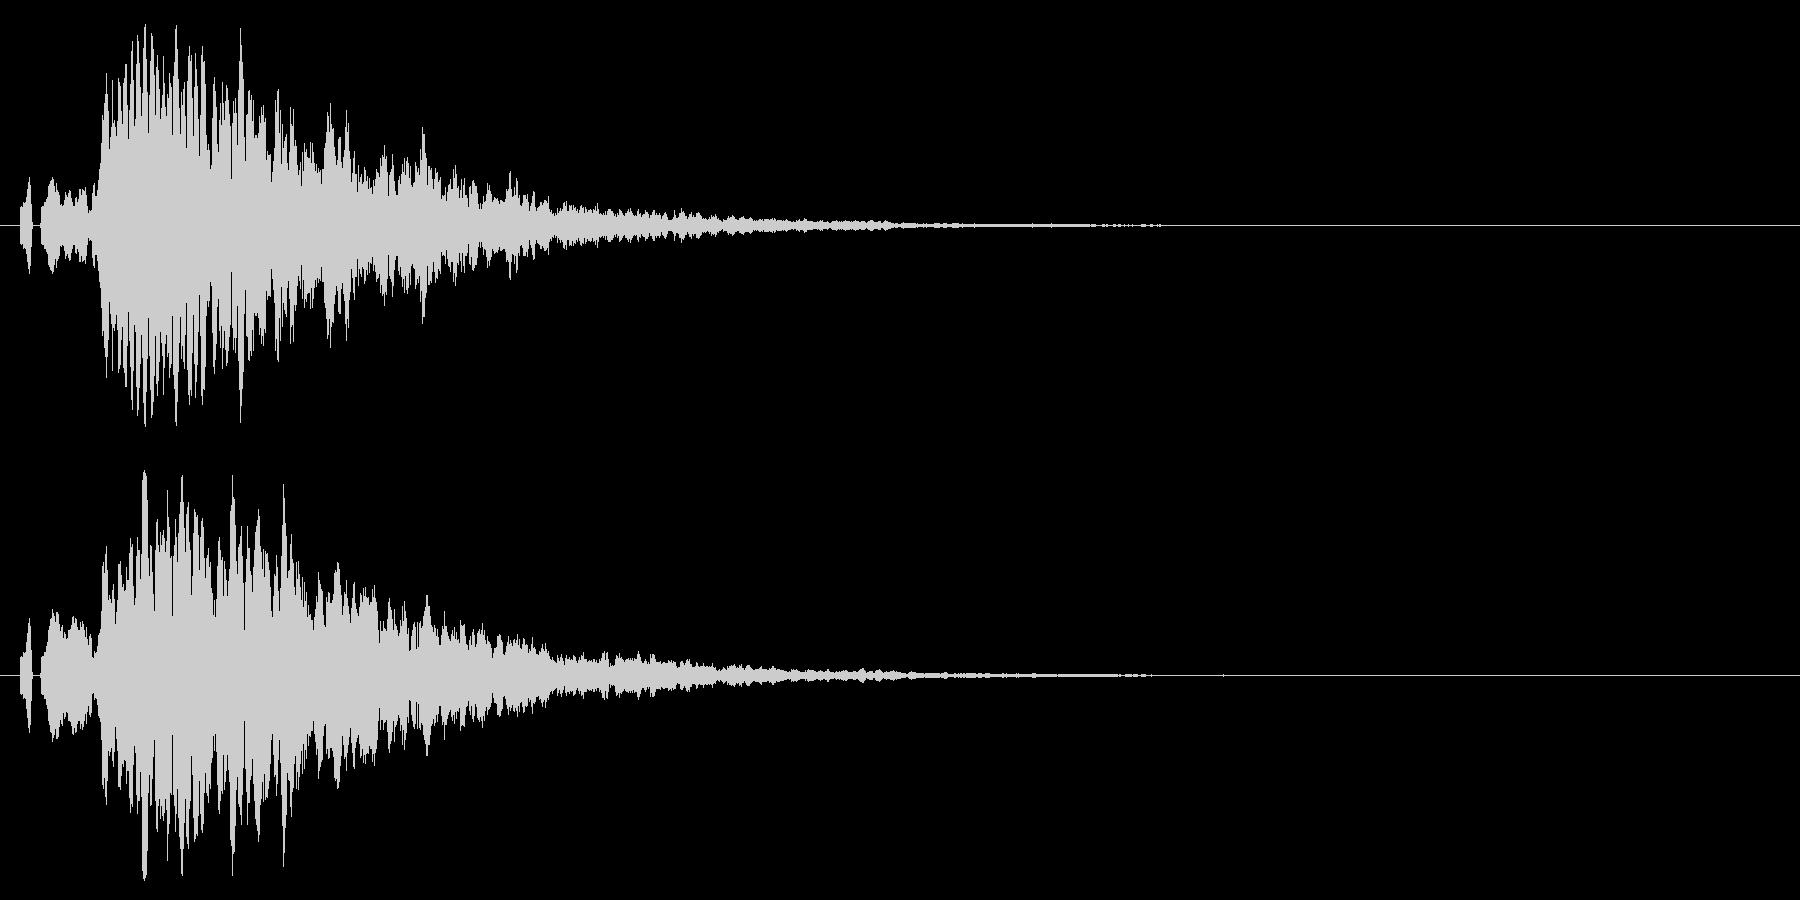 シンプルな注意、警告音、警報の効果音01の未再生の波形